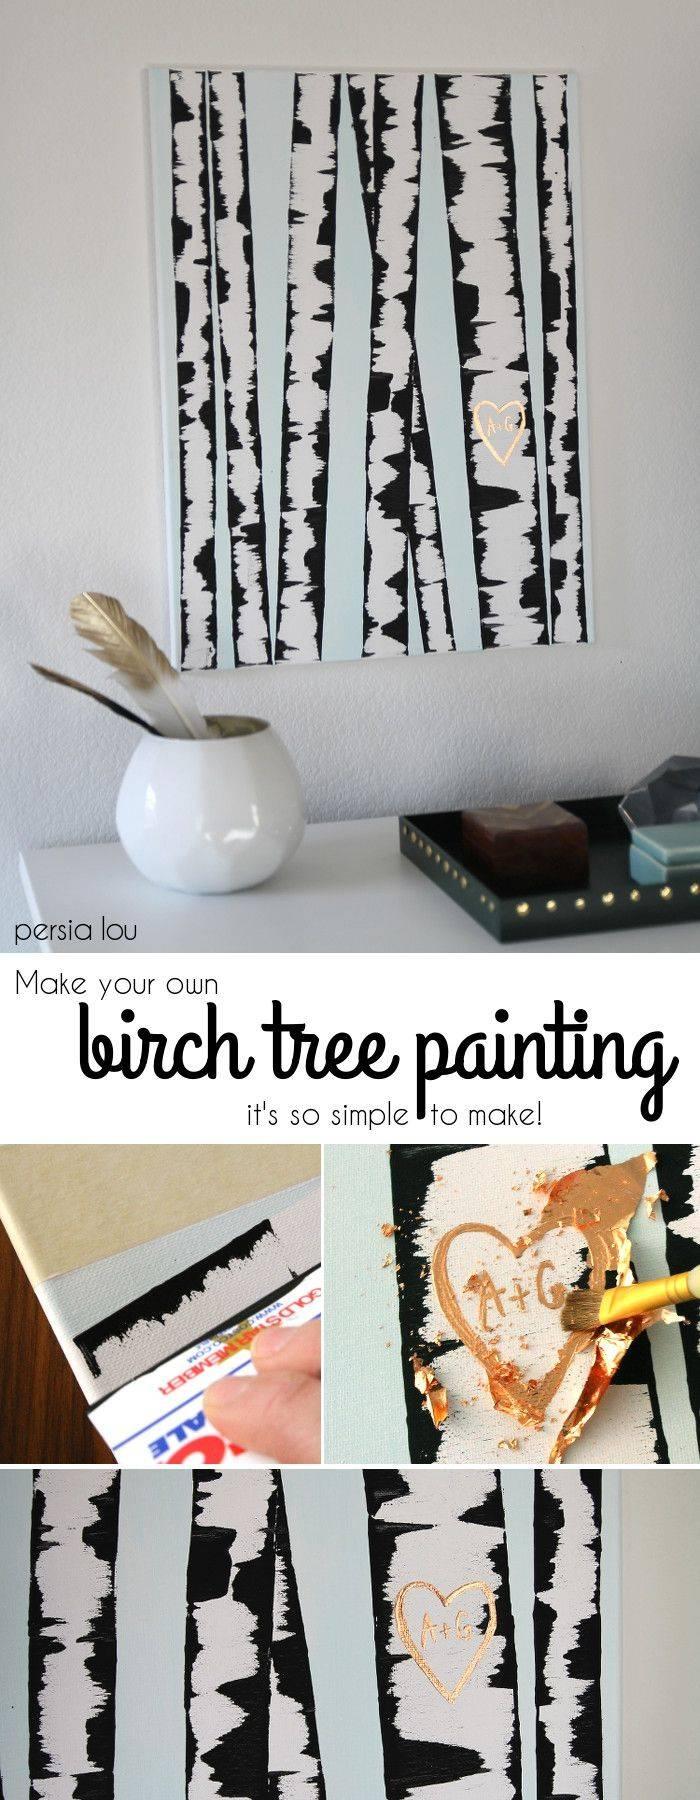 25+ Unique Diy Canvas Art Ideas On Pinterest | Diy Canvas, Canvas With Most Up To Date Diy Pinterest Canvas Art (View 7 of 25)